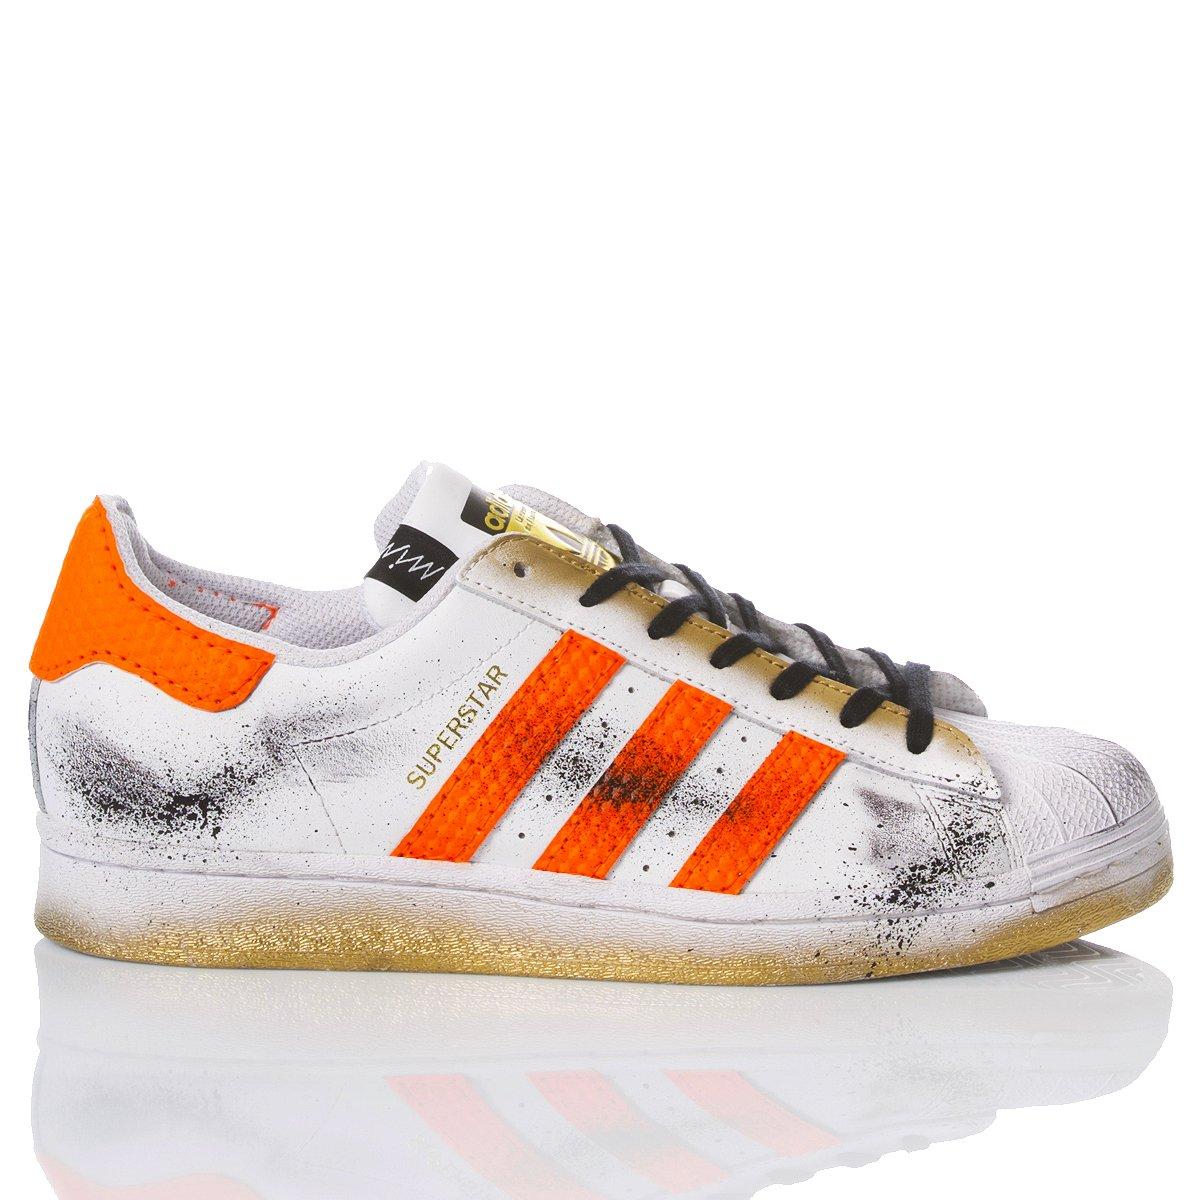 Adidas Superstar Orange Boost